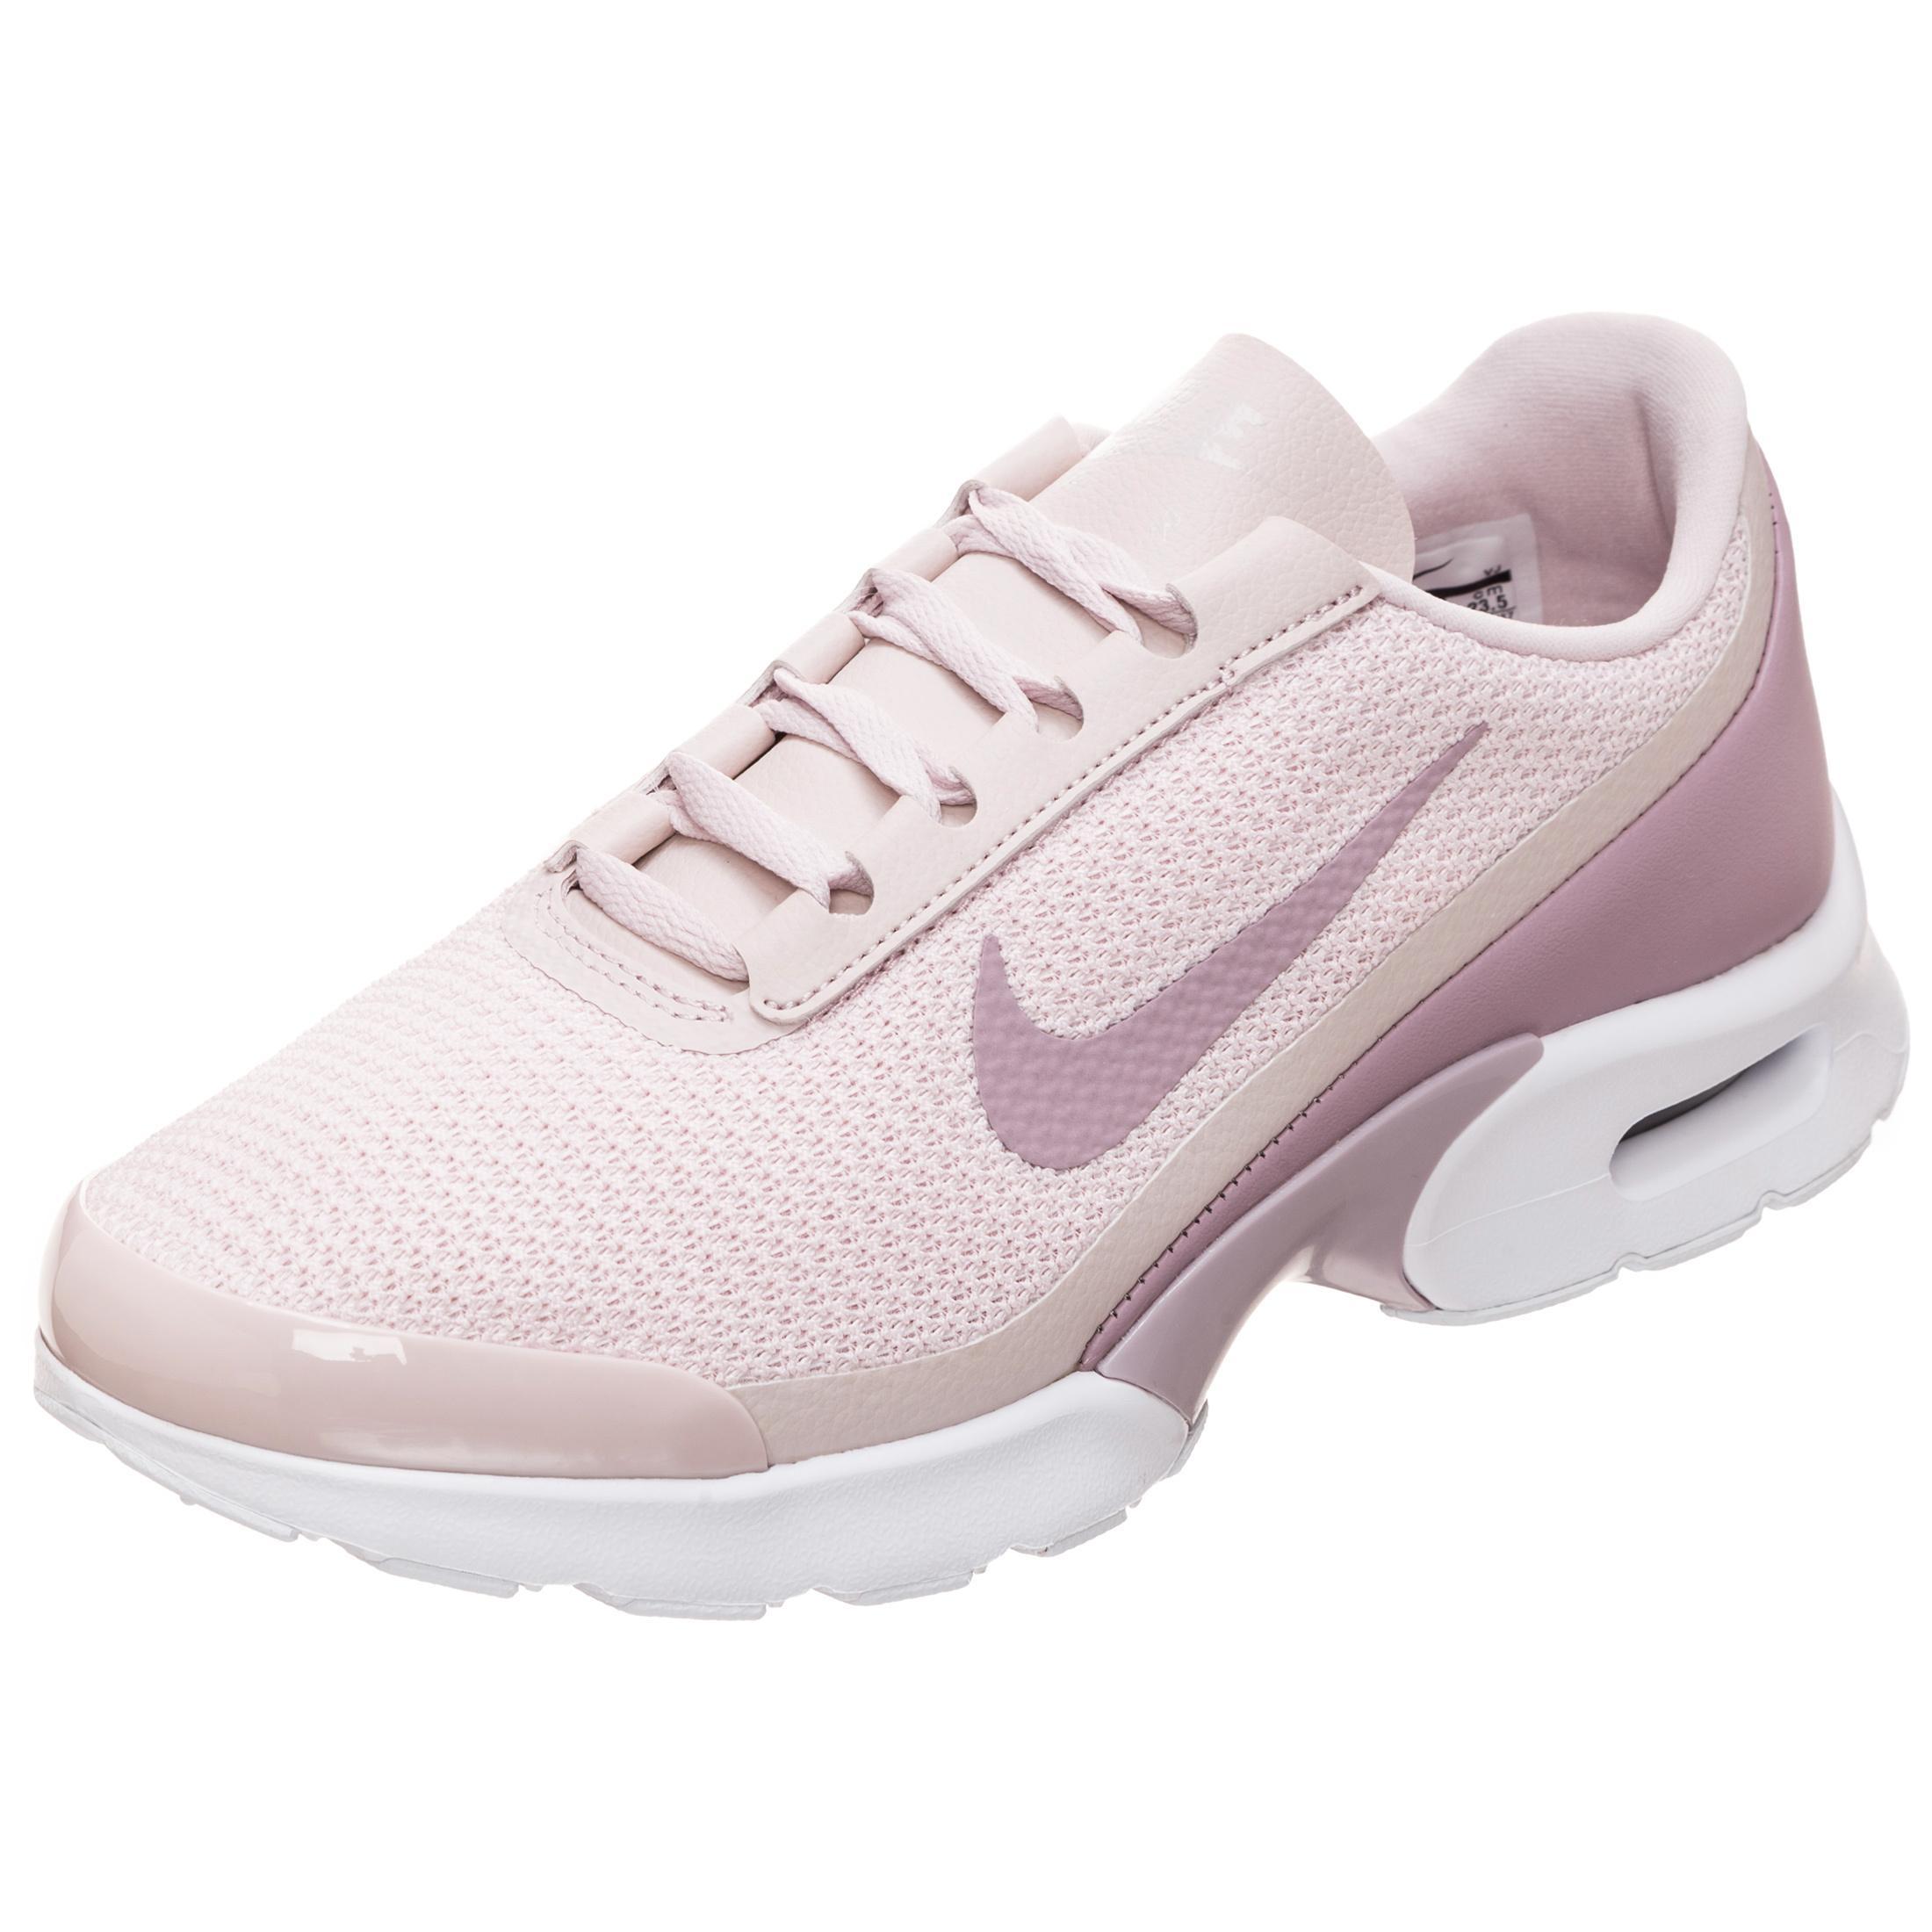 reputable site bdb5f 9a46e Nike Air Max Jewell Sneaker Damen rosa   weiß im Online Shop von  SportScheck kaufen